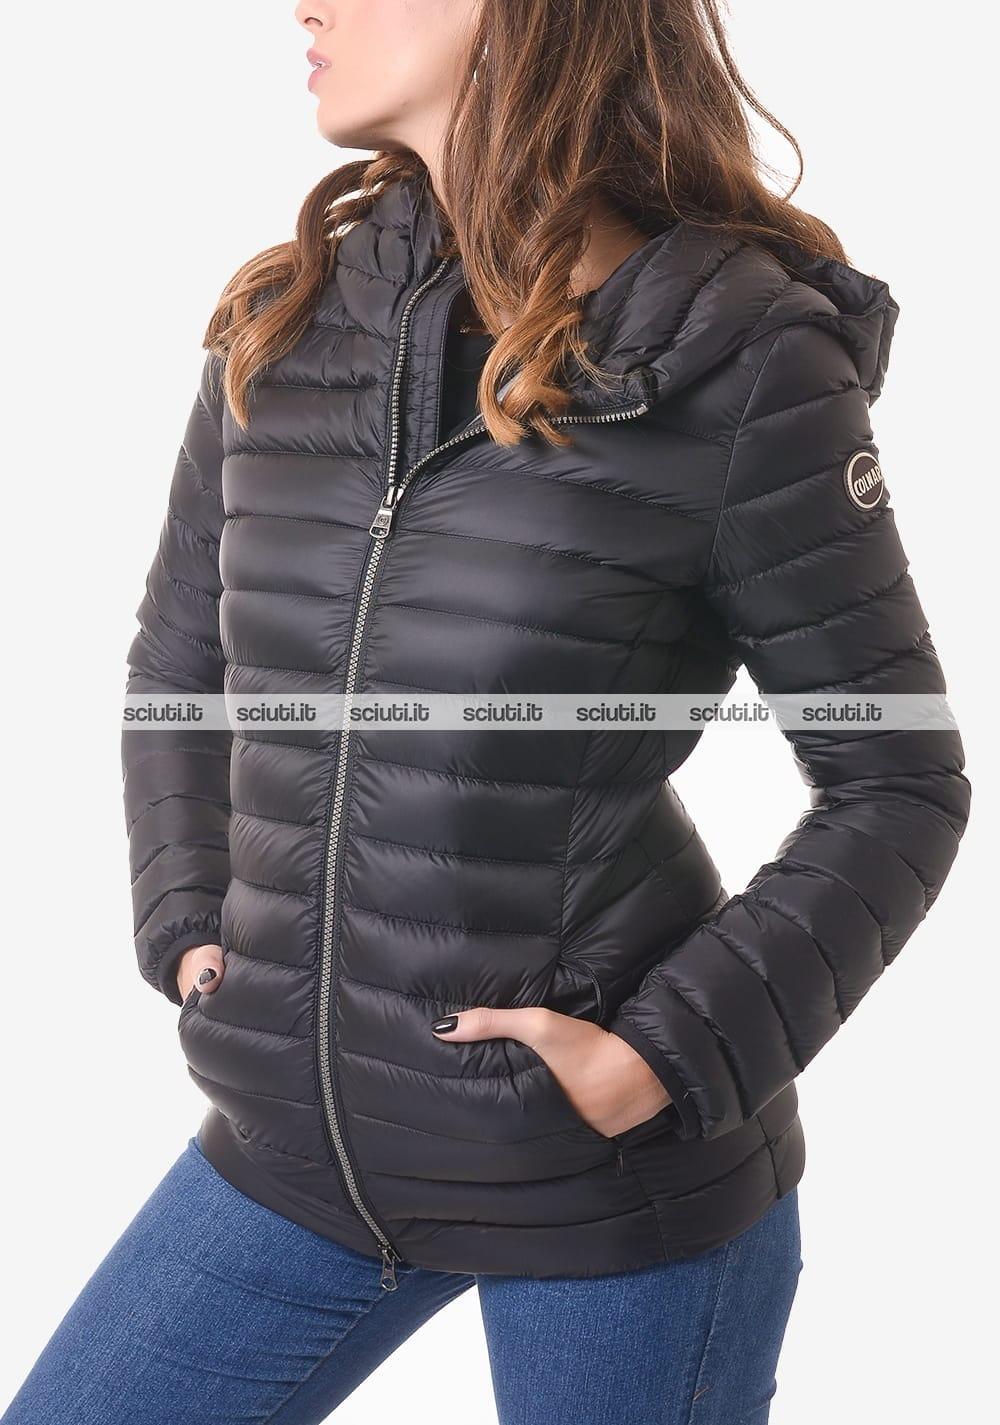 Piumino Colmar donna nero pesante lungo con cappuccio